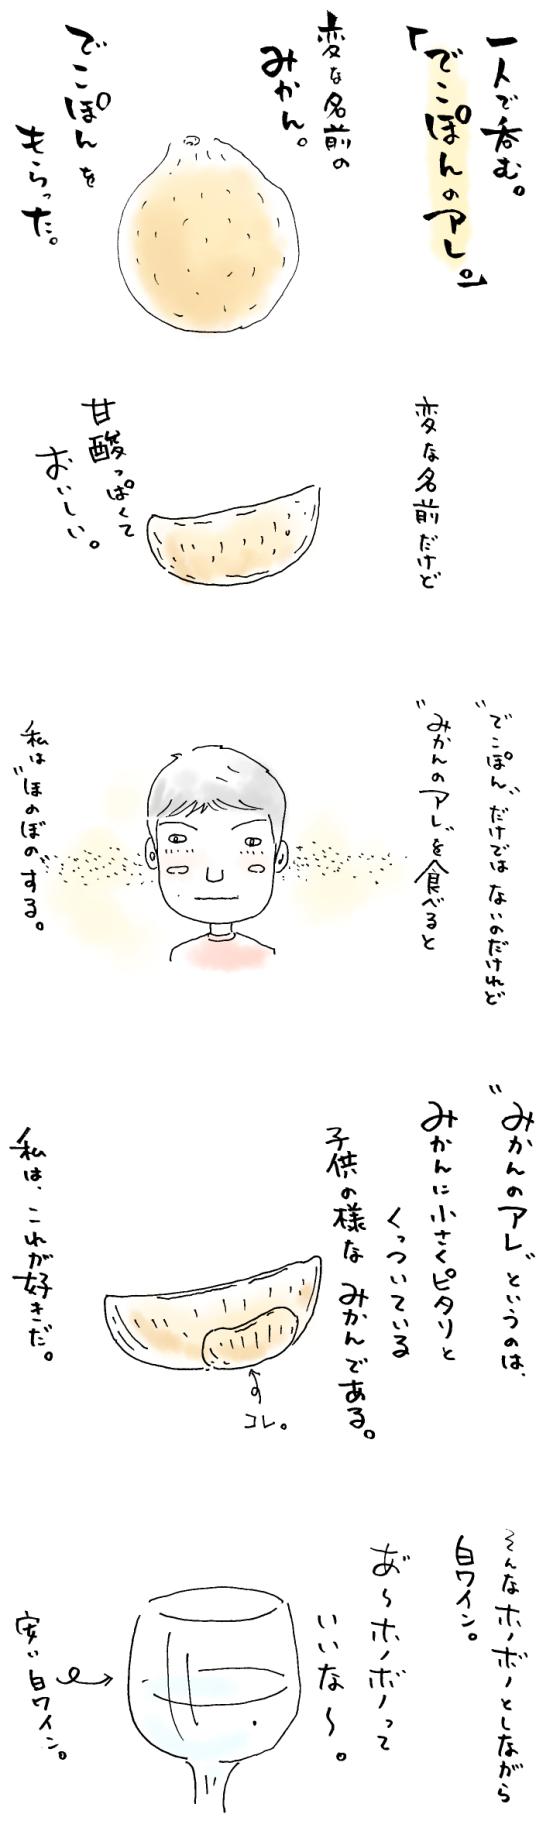 20170331_193311415.jpg